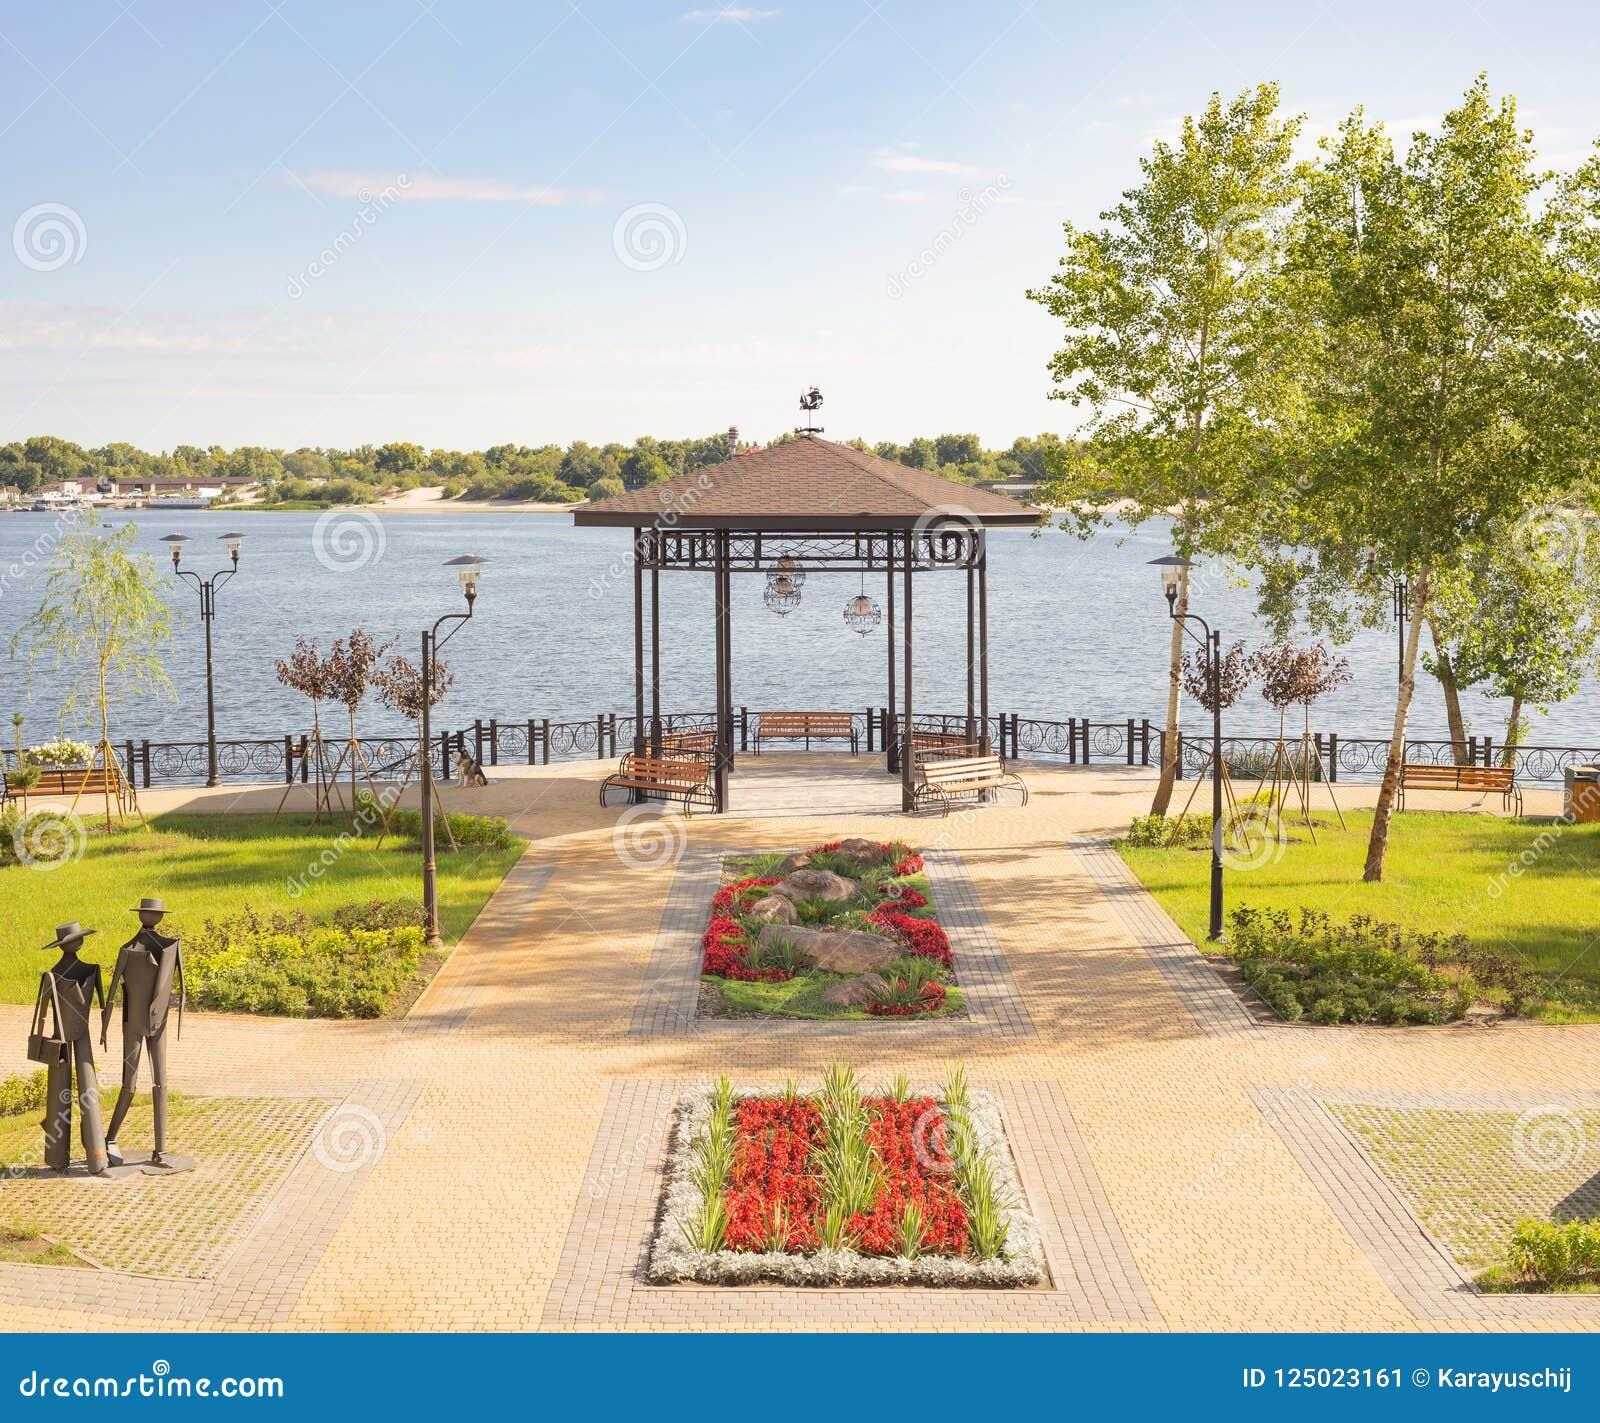 Gazebo mit Holzbanken, im Naltalka-Park von Kiew, Ukrain